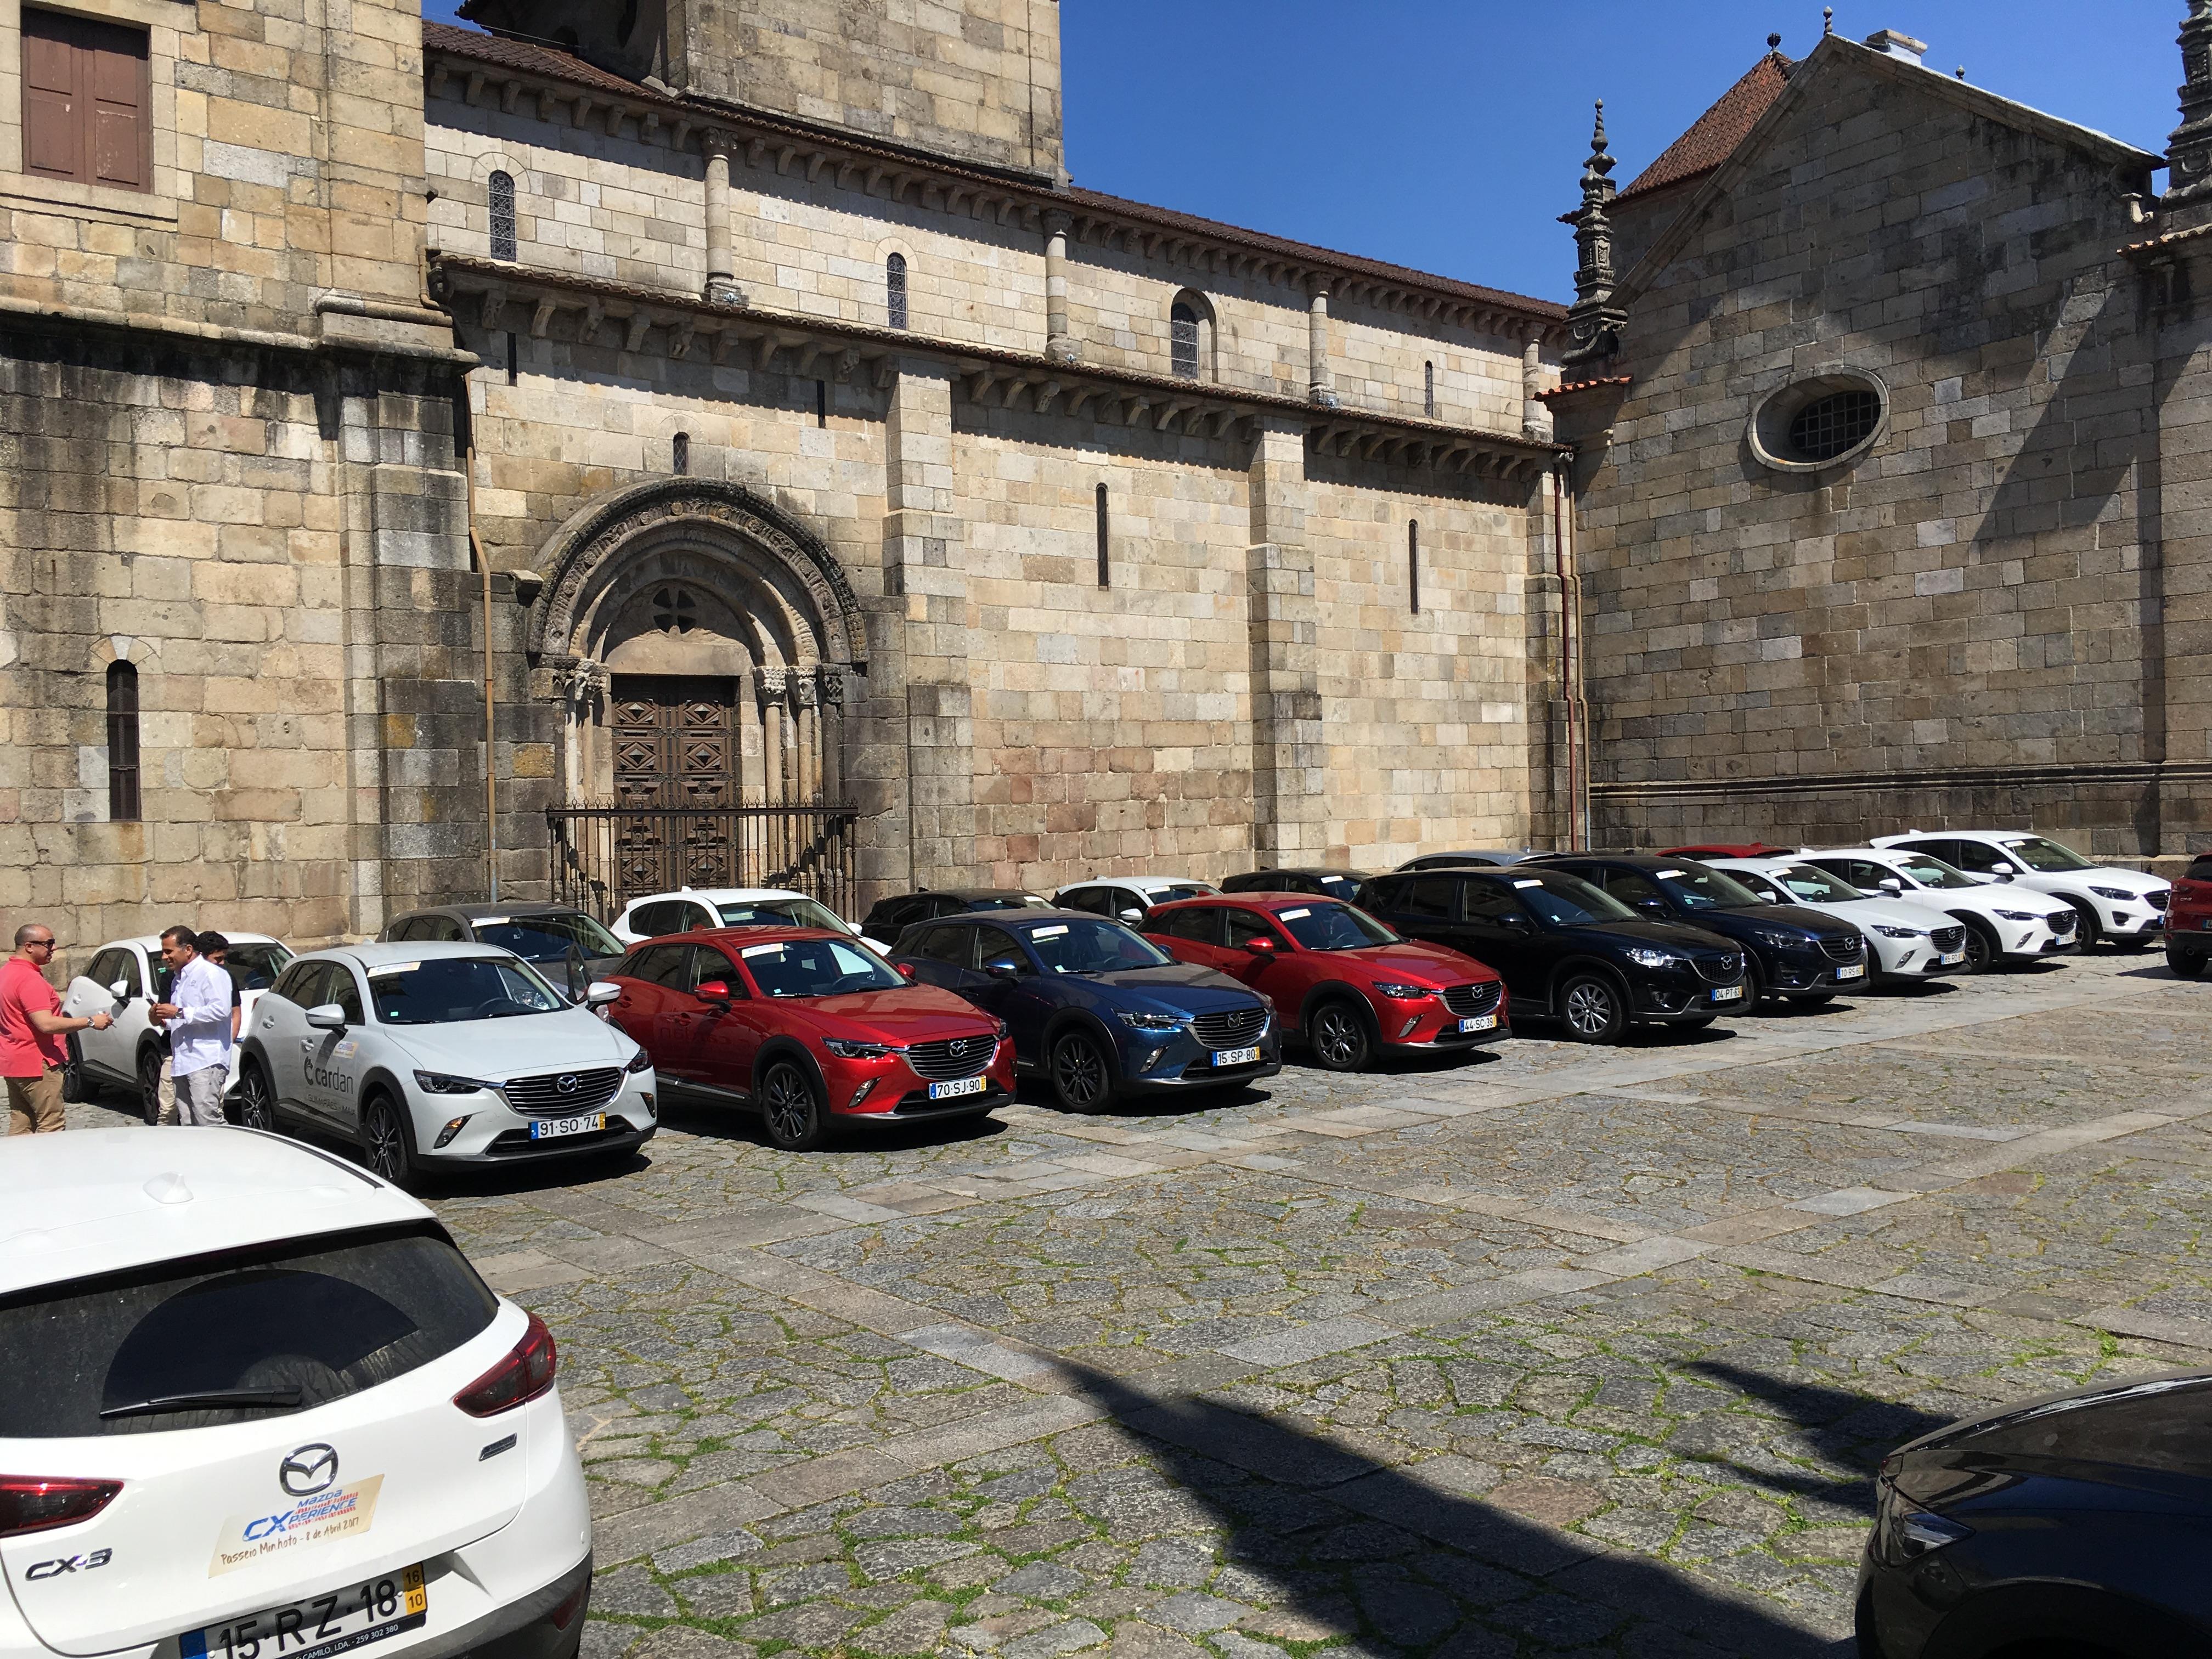 Acompanhámos o Mazda CXperience por terras Minhotas